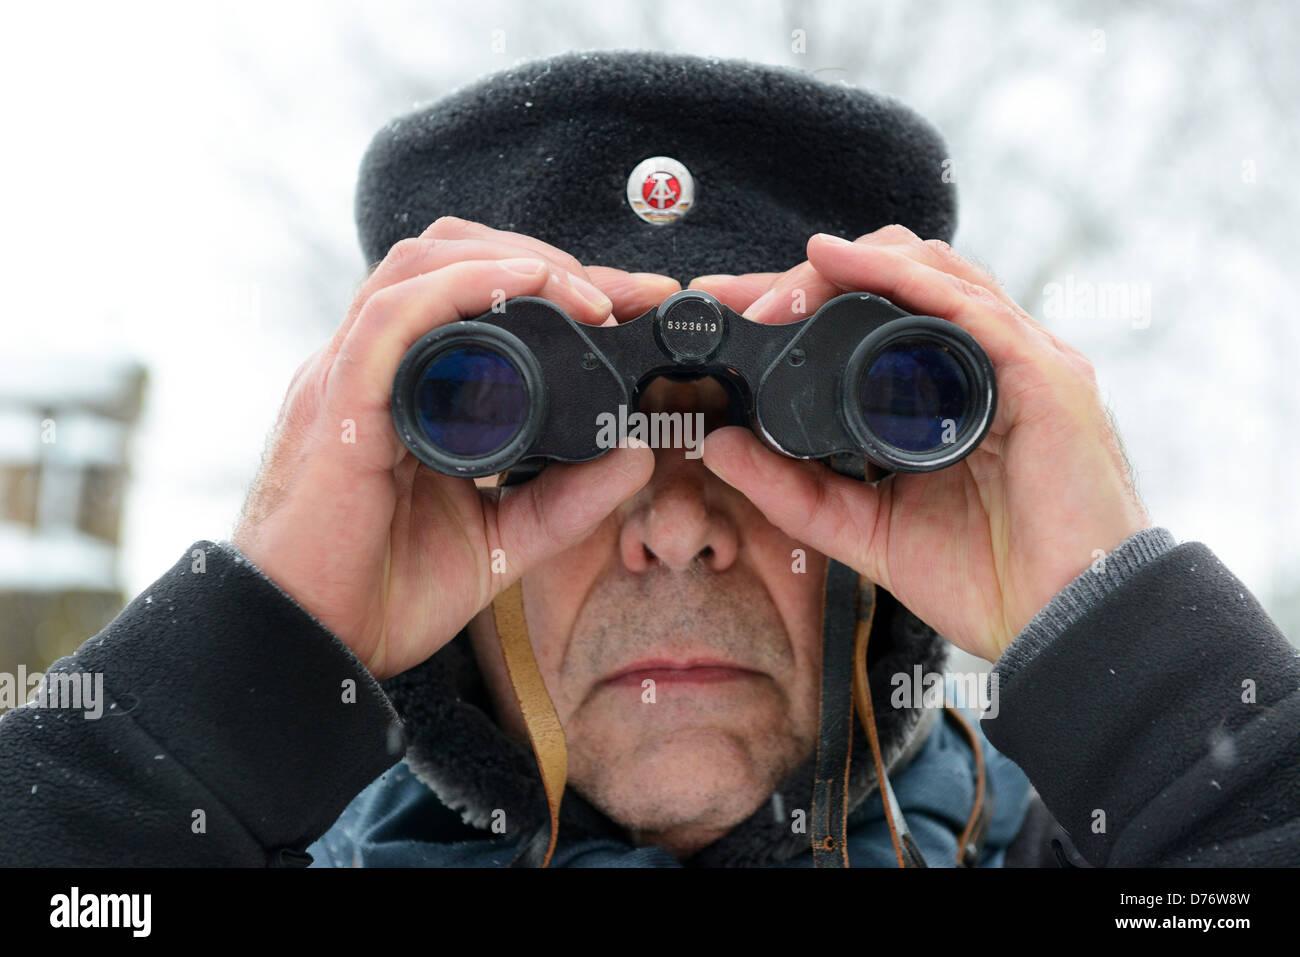 Uomo che guarda attraverso il binocolo indossando il vecchio confine tedesco-orientale guard hat Immagini Stock